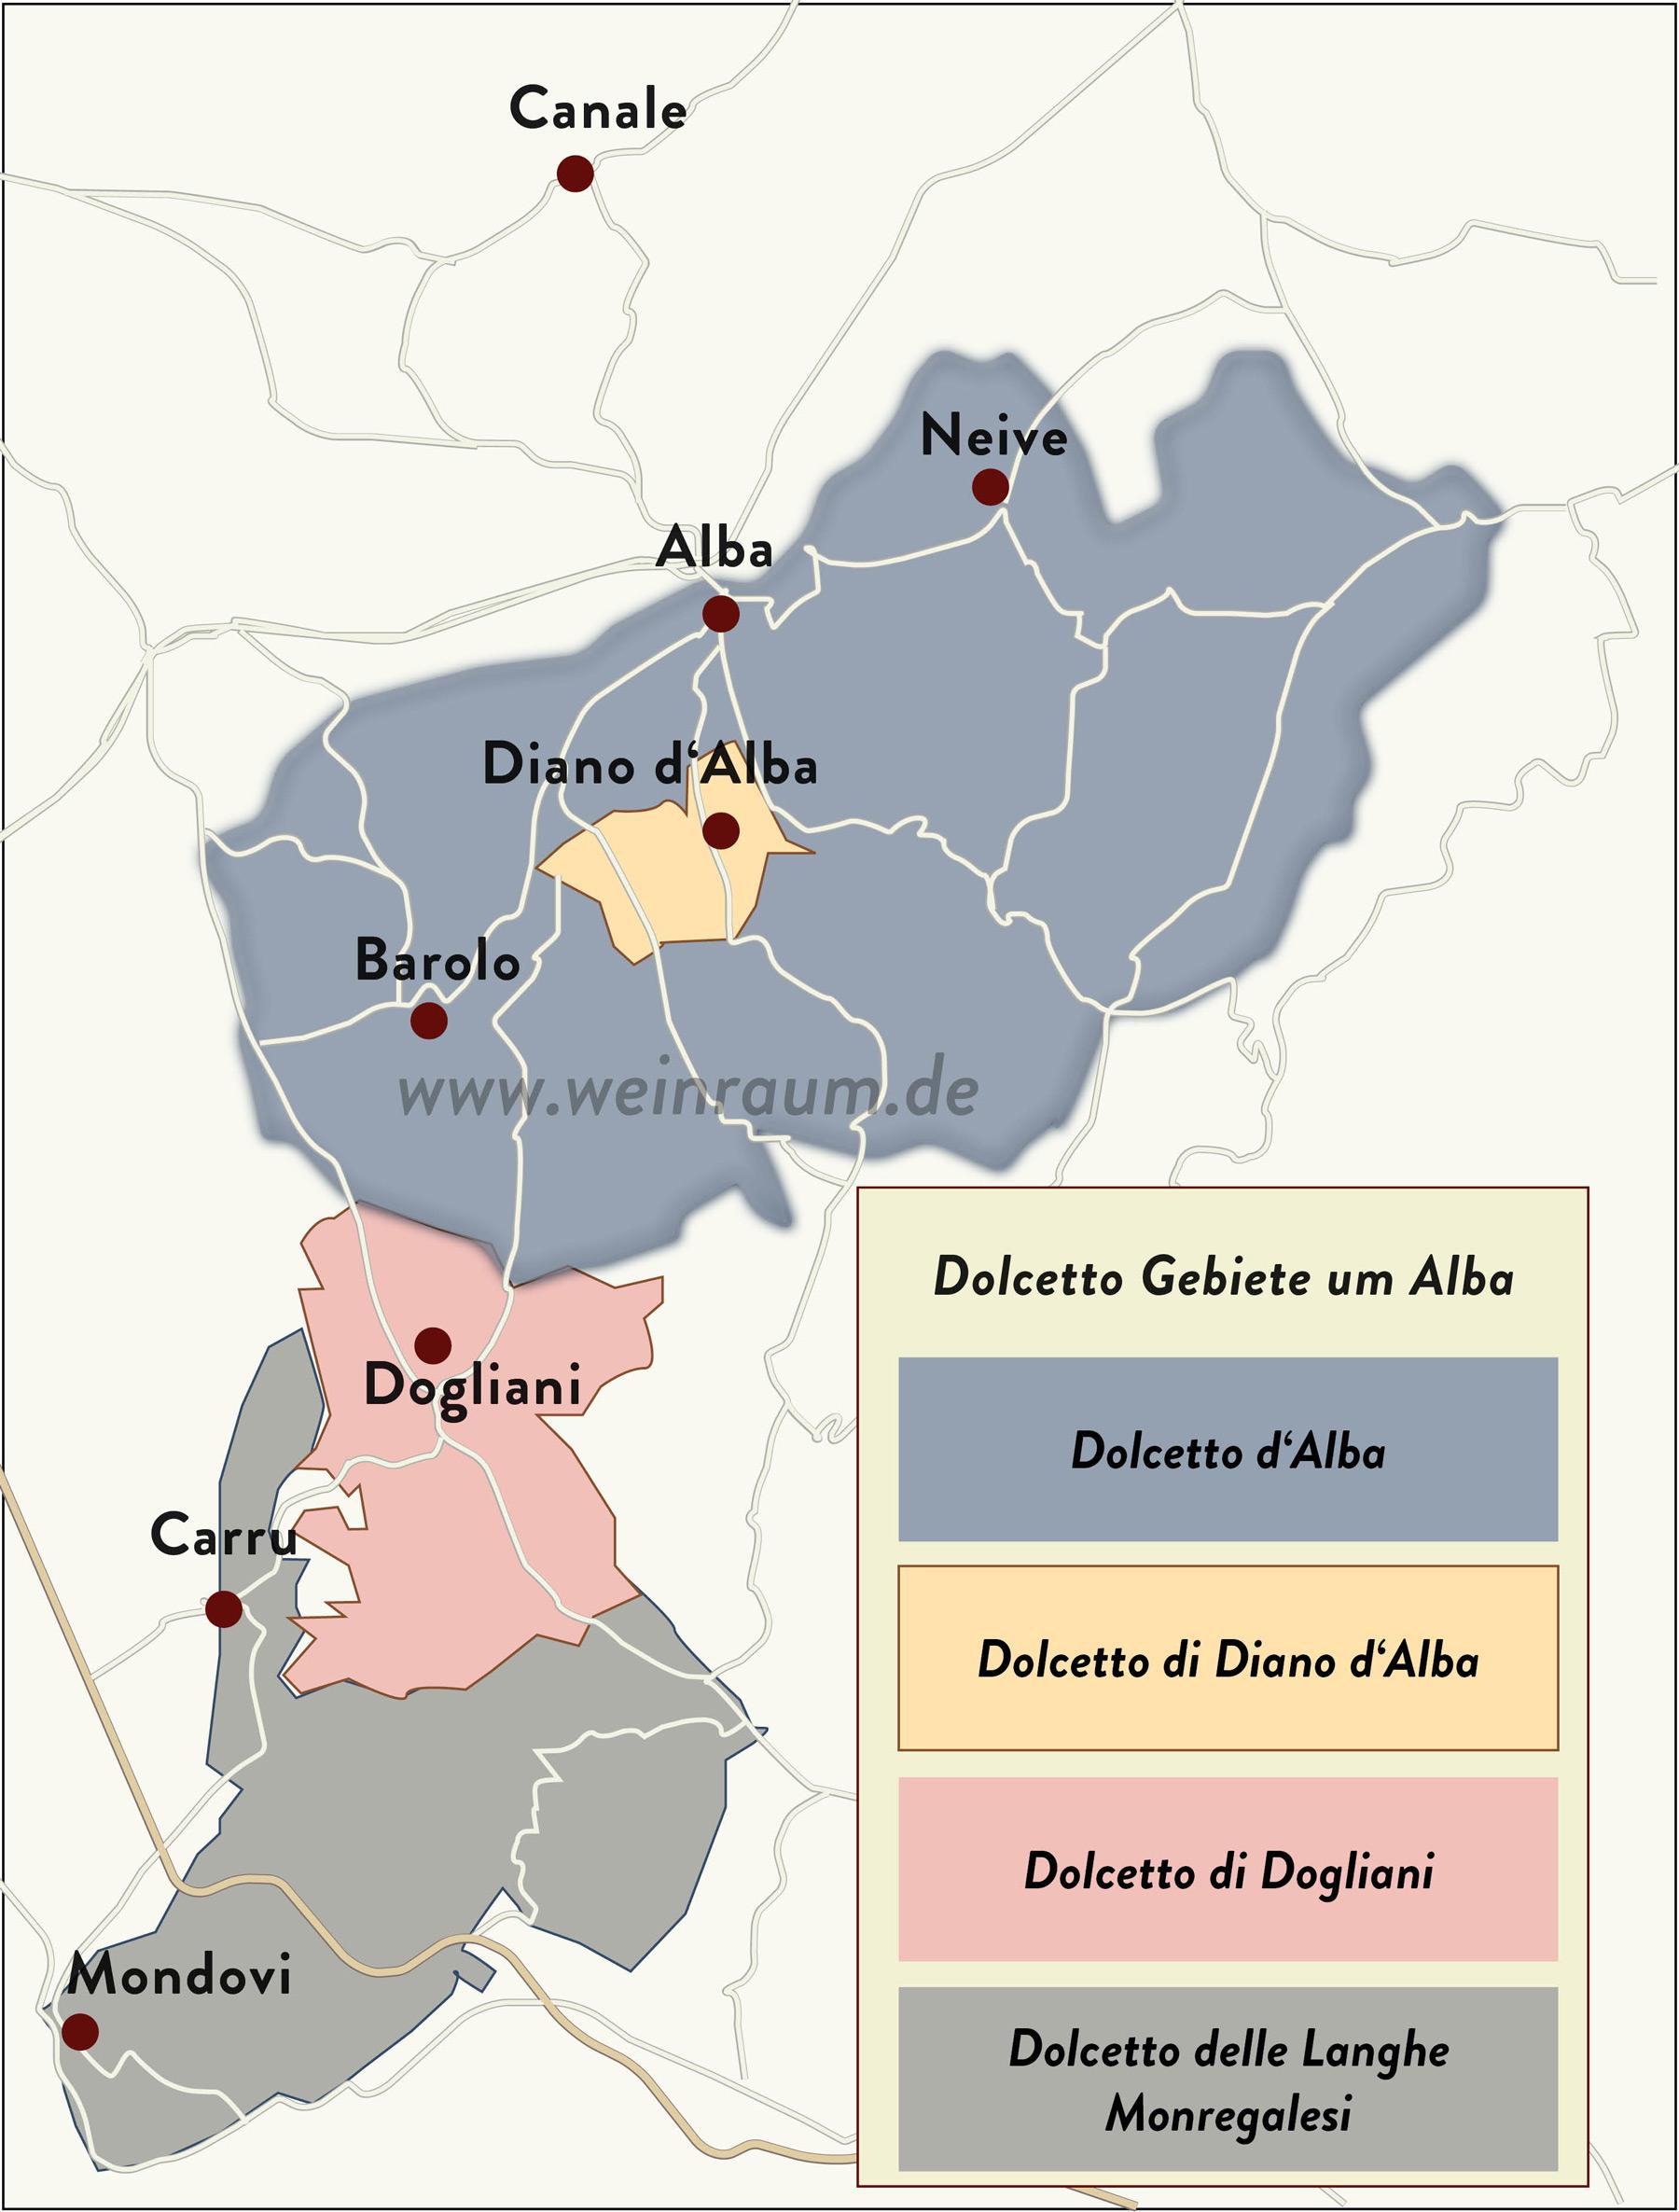 Um Alba liegen die besten Lagen für Dolcetto